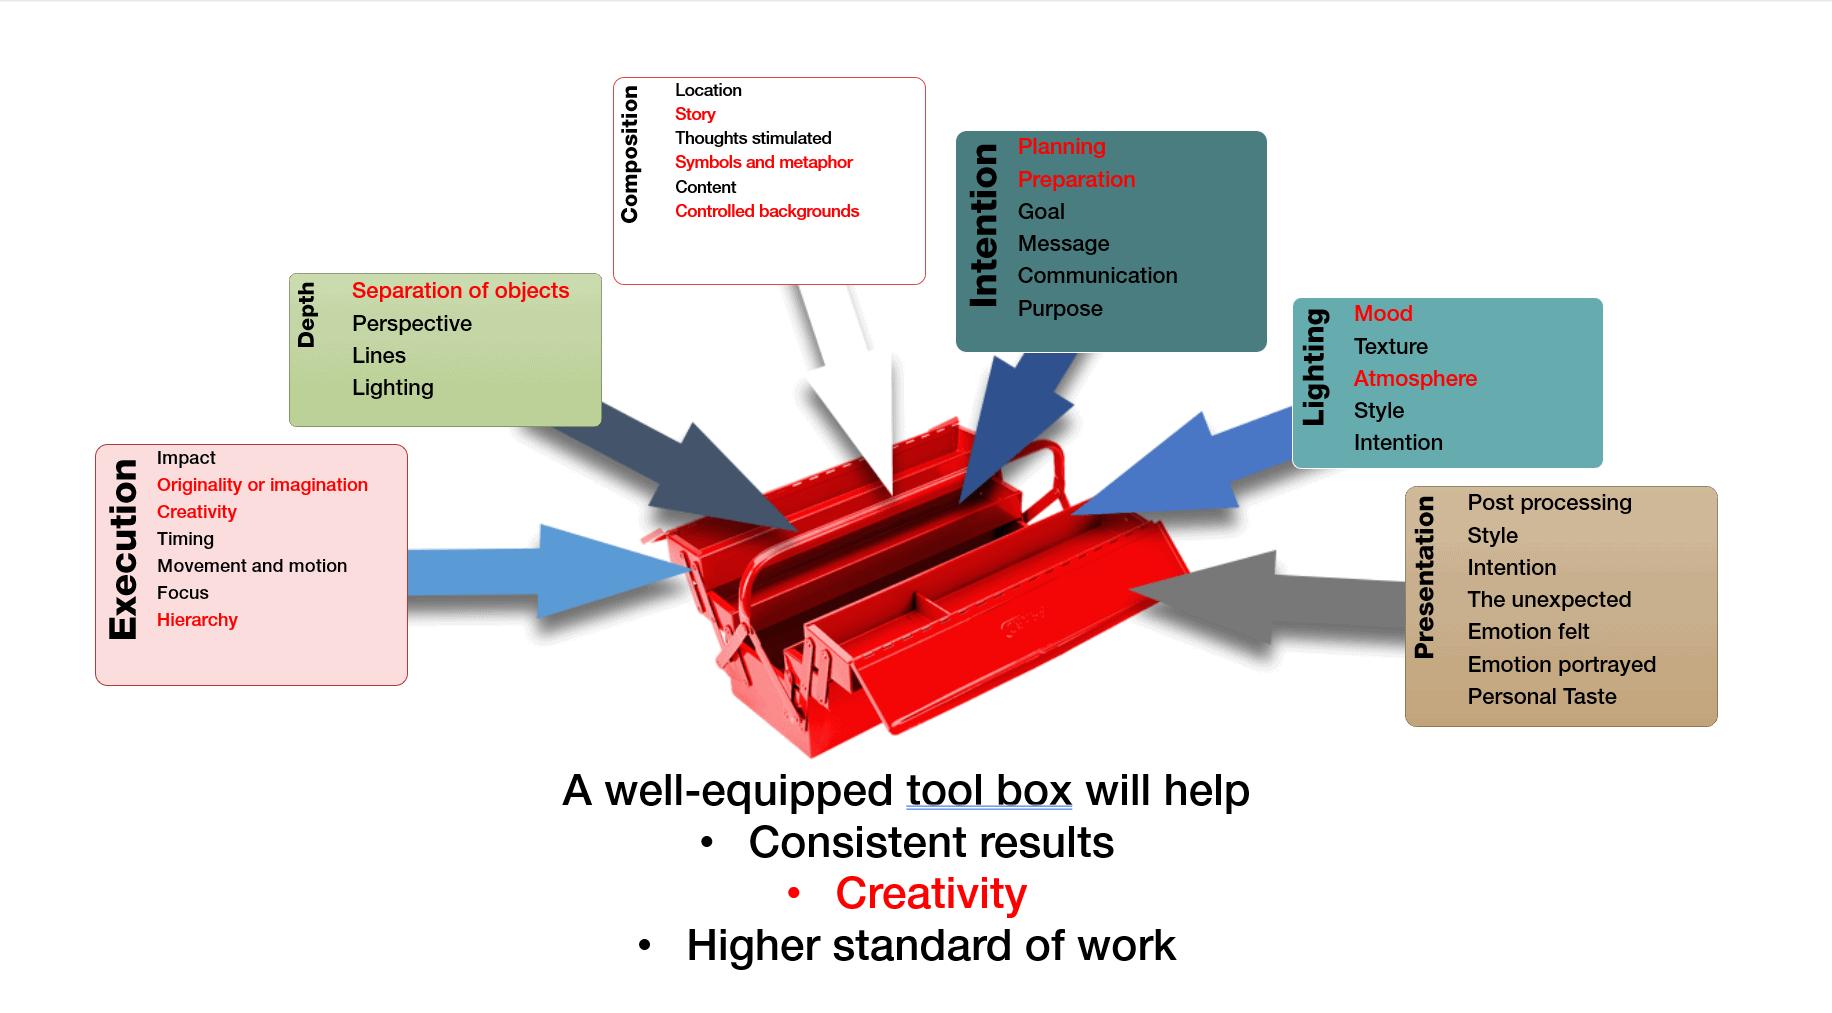 key aspects of creativity